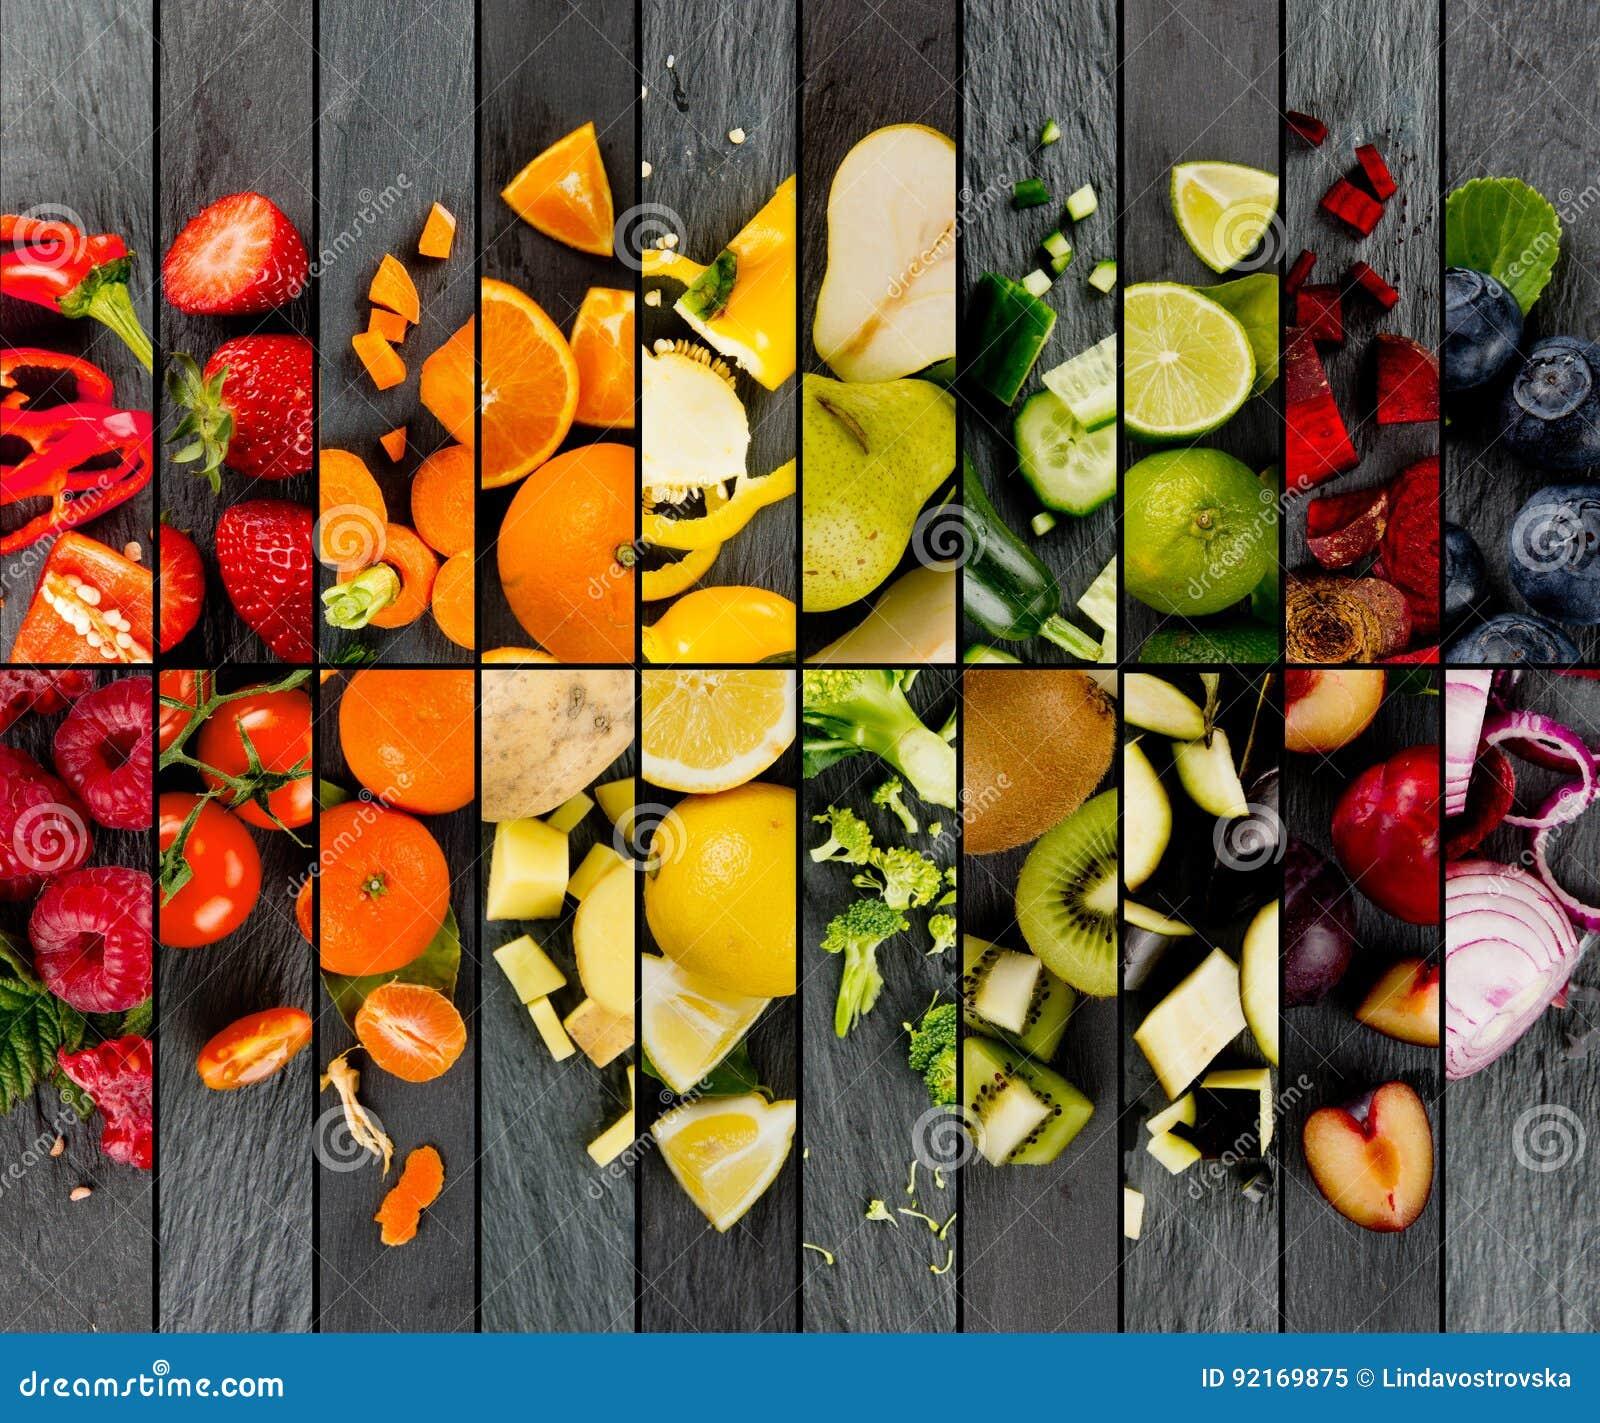 Obst- und Gemüse Mischung